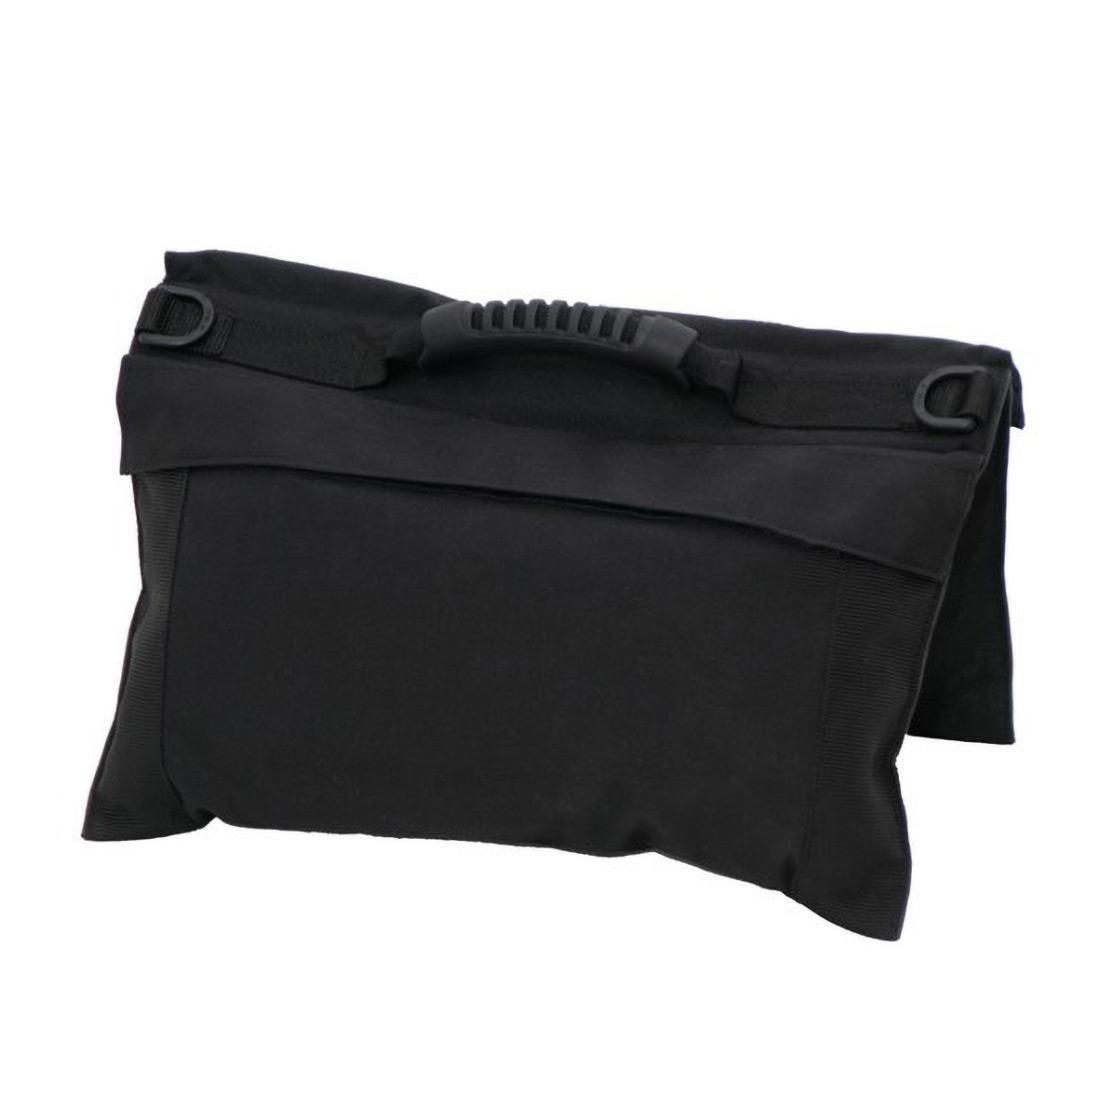 DT Universal Sandbag 12kg (without sand)